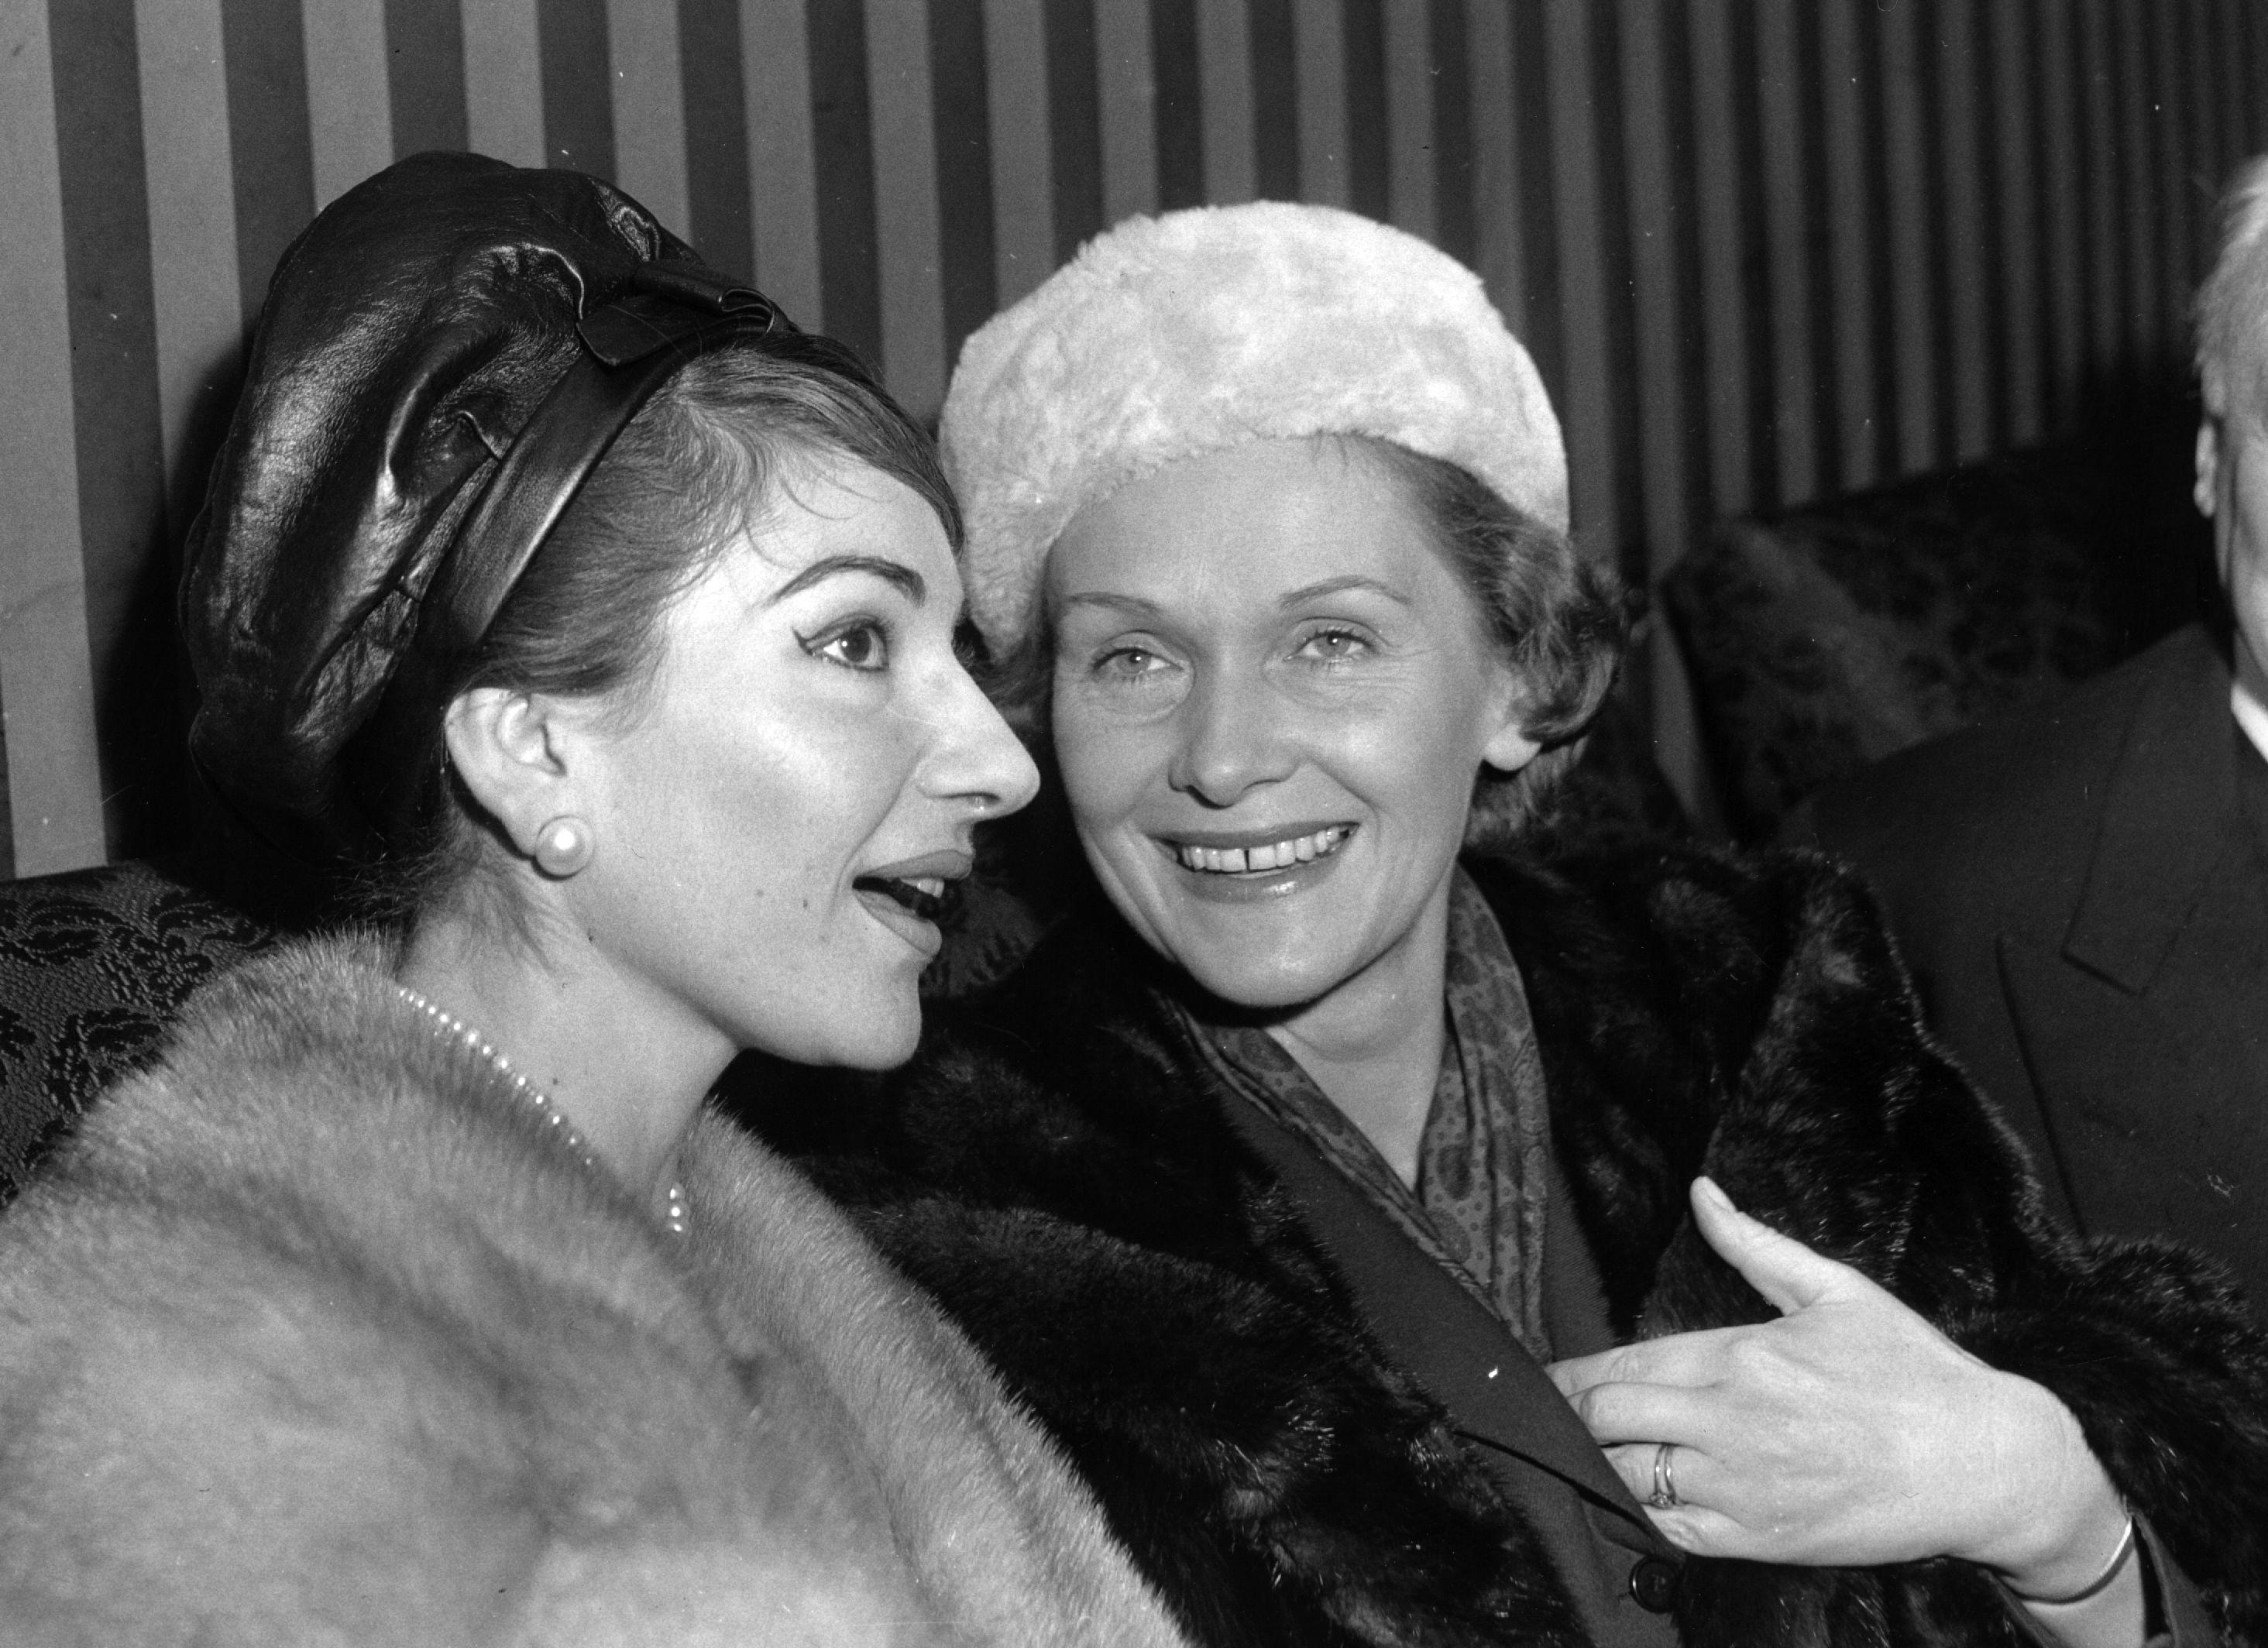 <p>Репертоарът ѝ варира от сериозни класически опери до белканто произведенията на Доницети, Белини и Росини, а също и шедьоврите на Верди и Пучини, и дори на Вагнер.</p>